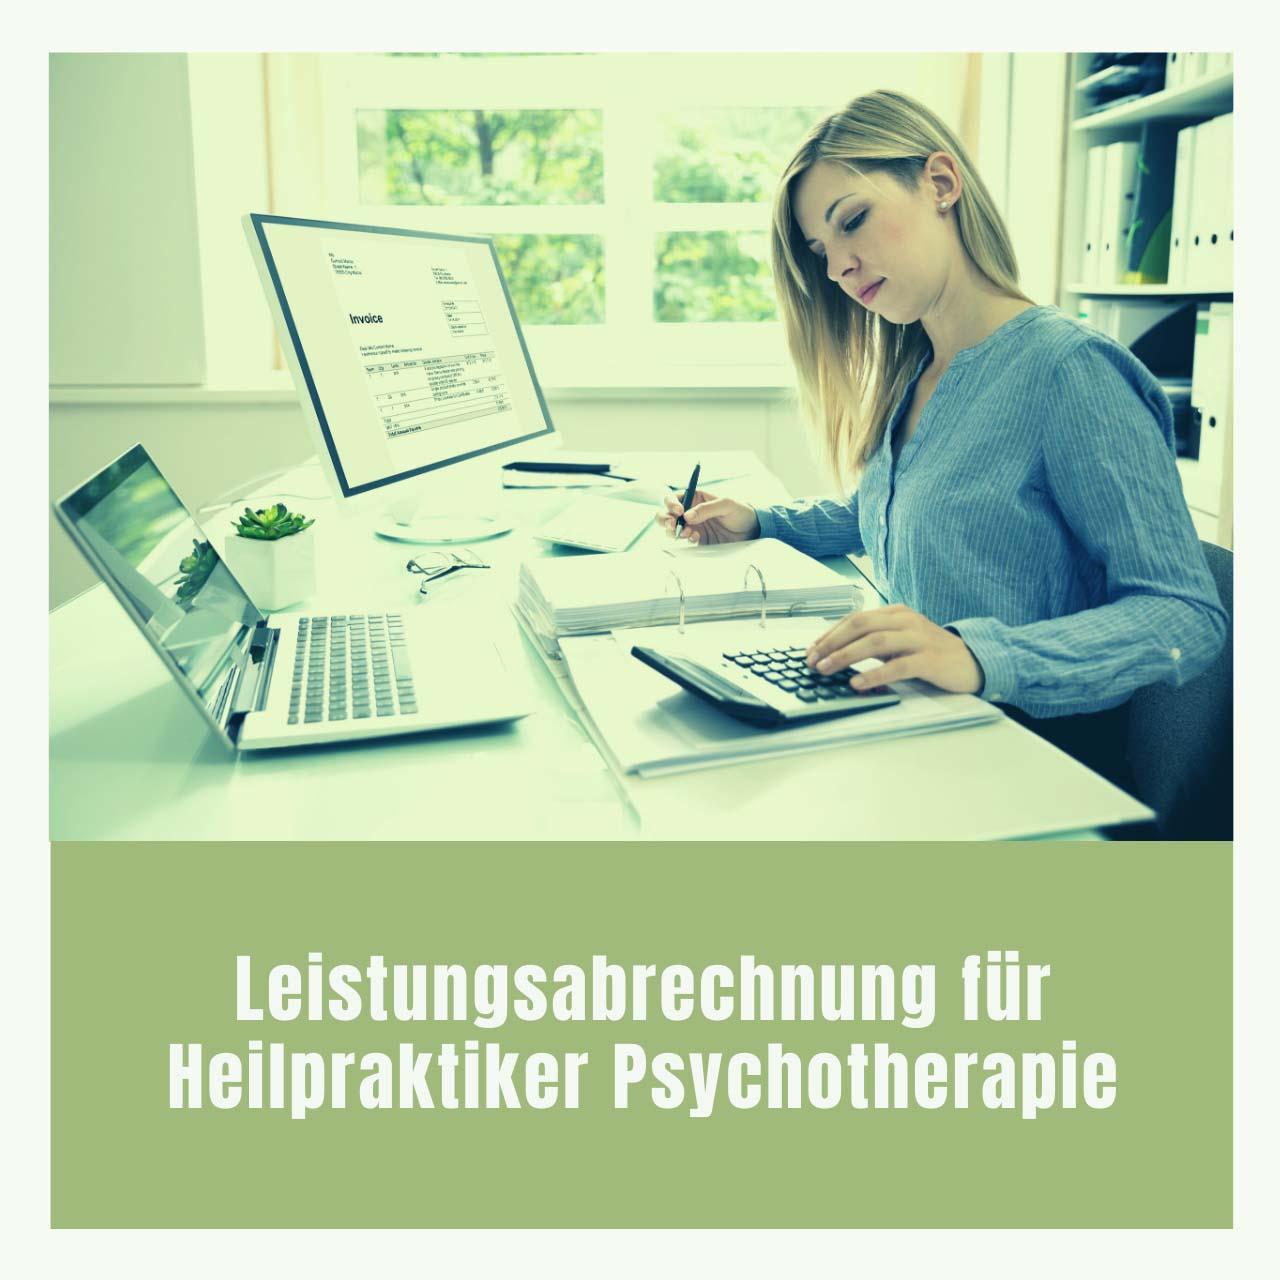 Heilpraktiker Psychotherapie Voraussetzungen